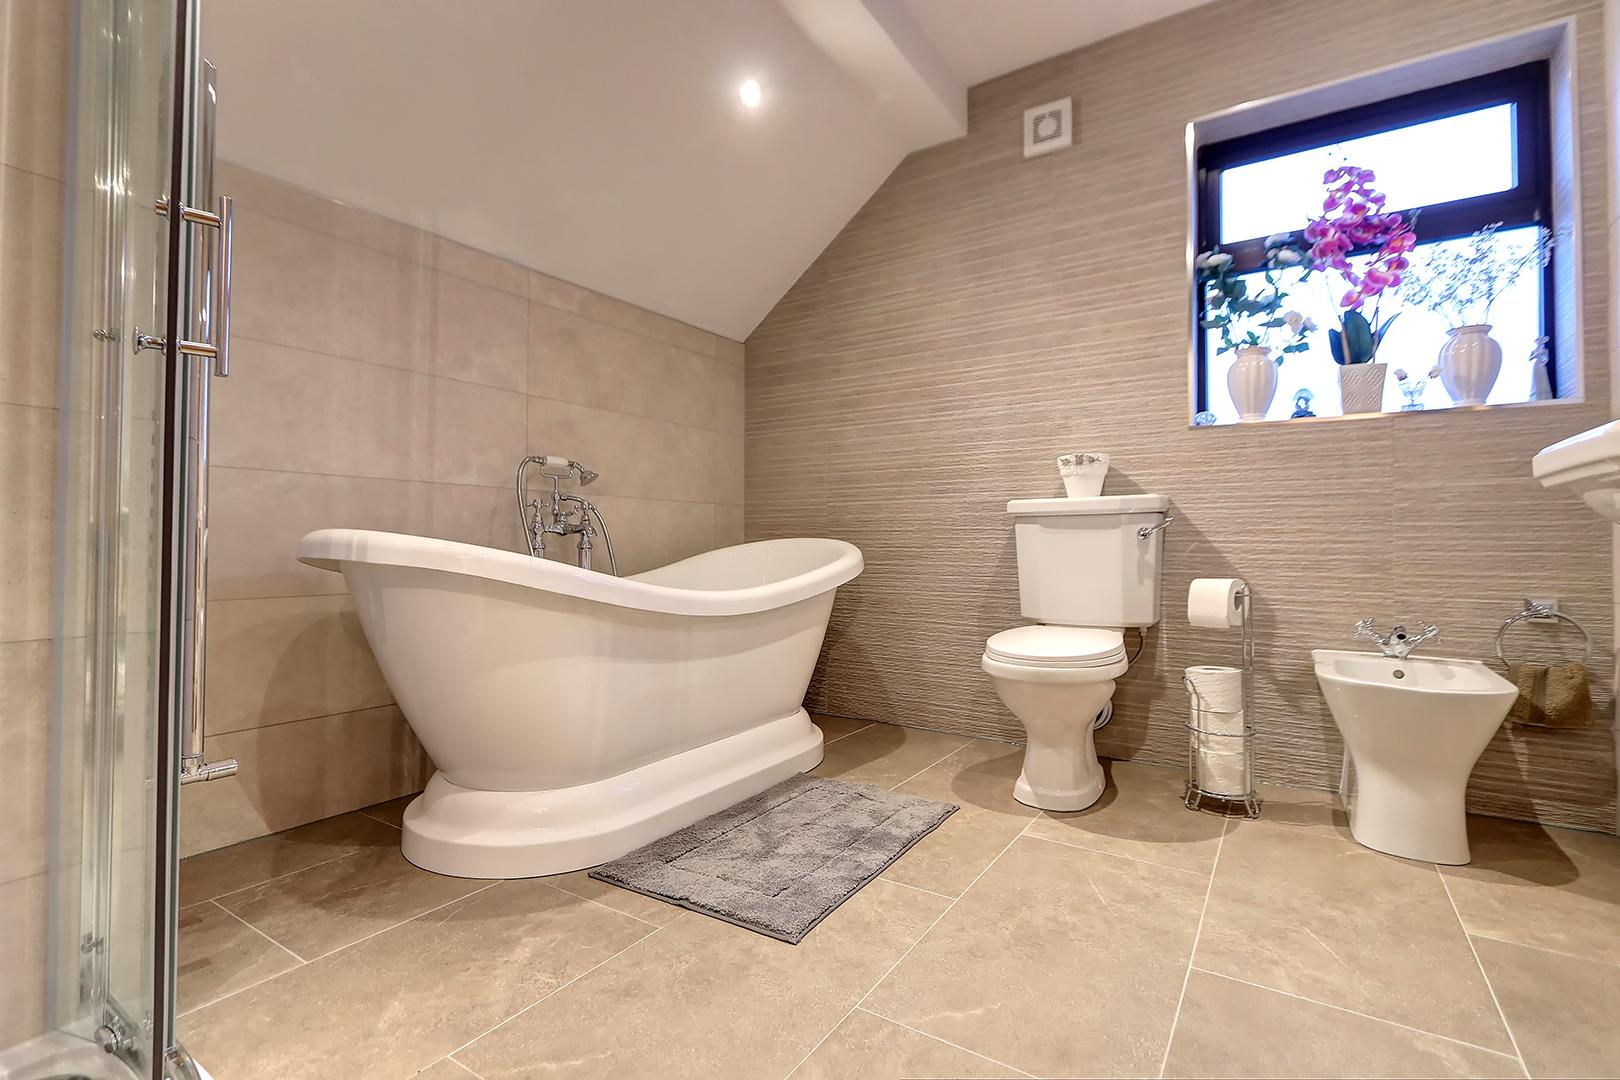 Bathroom Renovation Kildare plumbing and heating services in meath, trim, cavan, westmeath